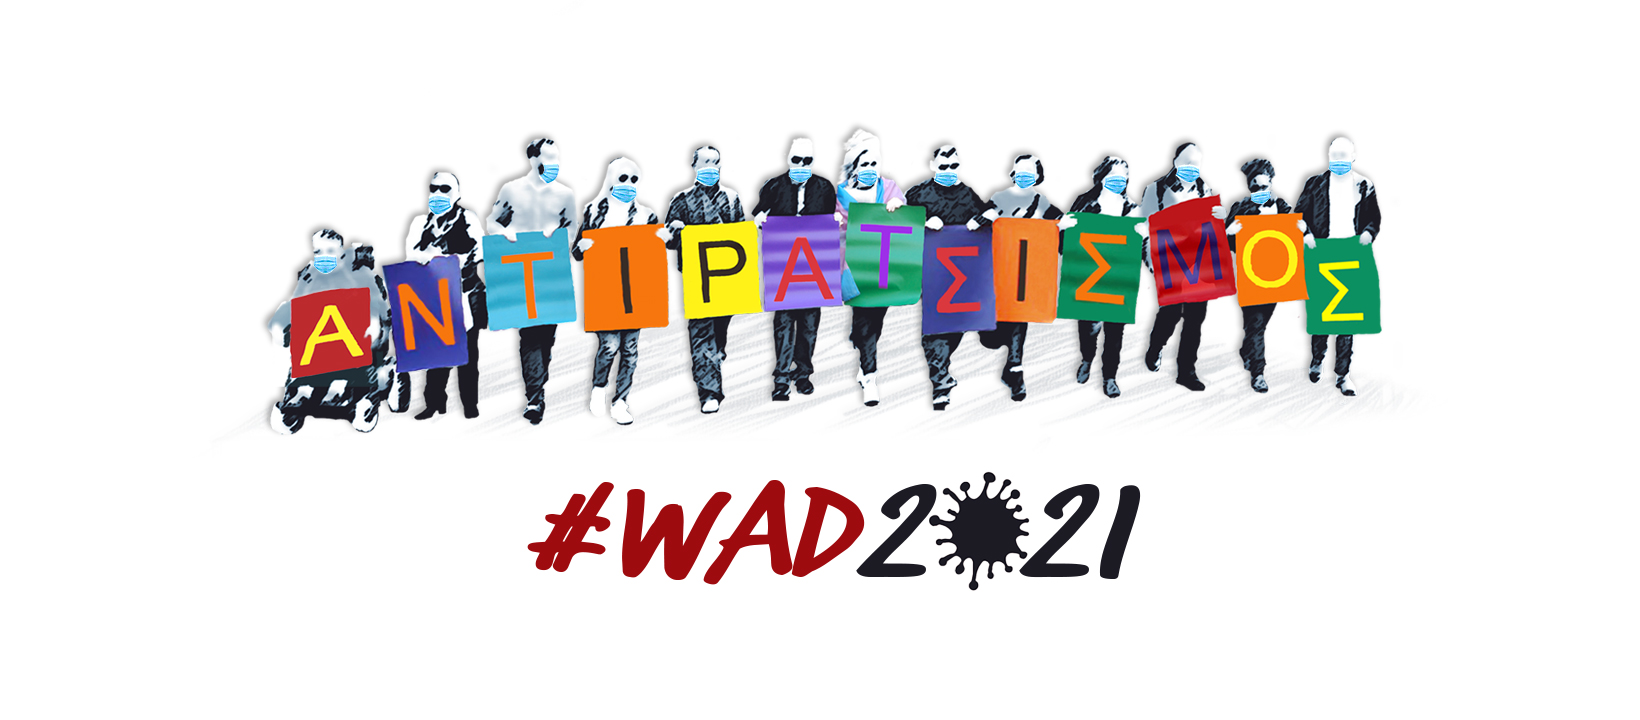 ΠΕΡΙΠΑΤΟΣ ΚΑΤΑ ΤΩΝ ΔΙΑΚΡΙΣΕΩΝ 2021 – WAD2021